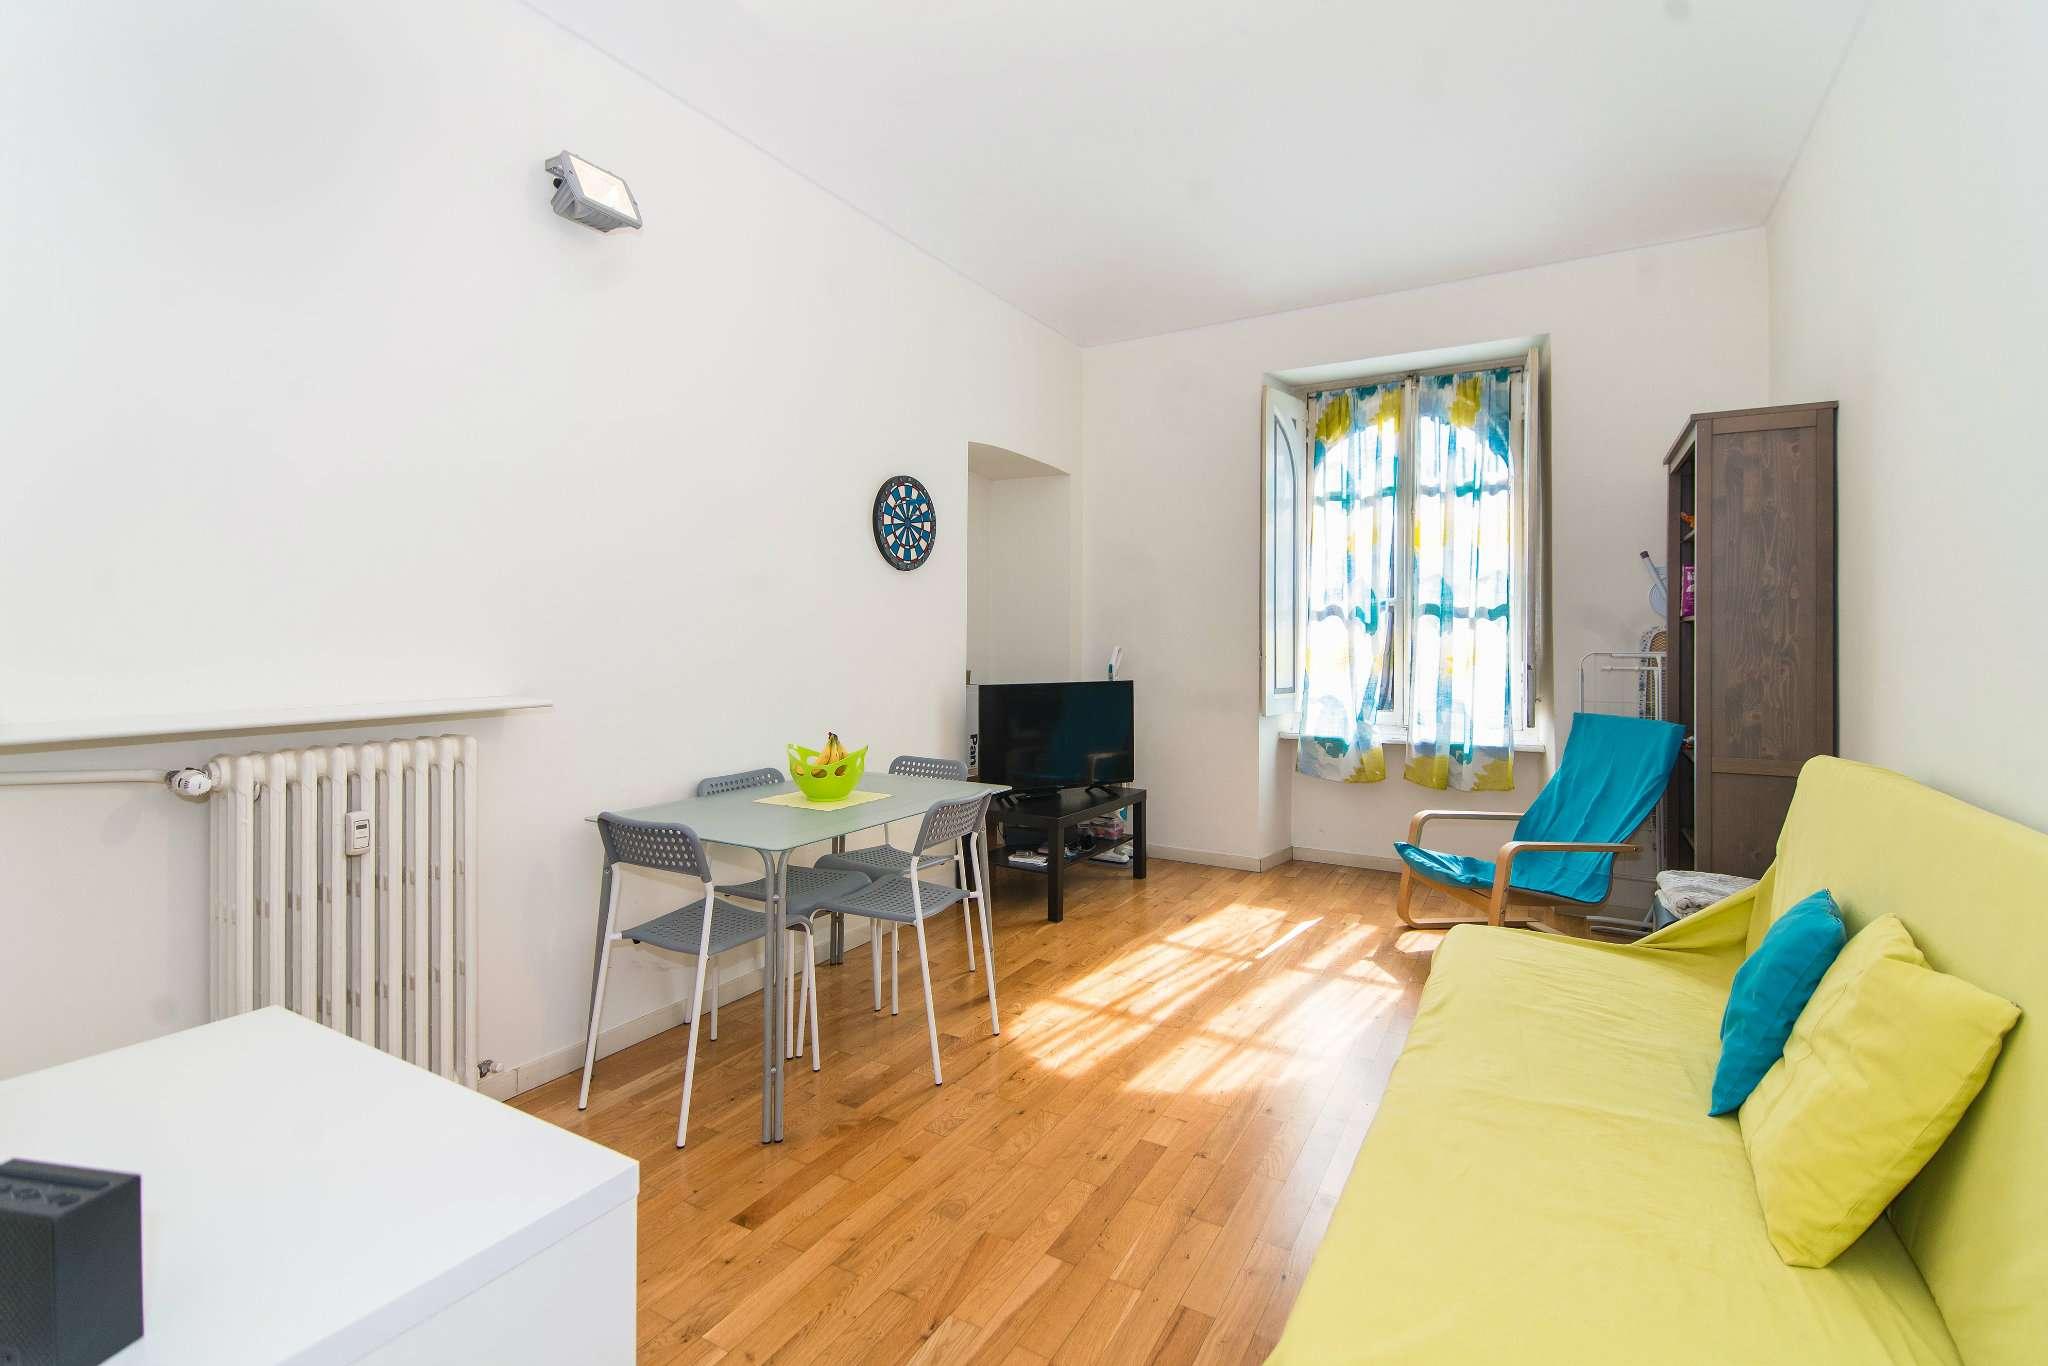 Torino Torino Vendita APPARTAMENTO >> affitto alloggio, torino affitti case